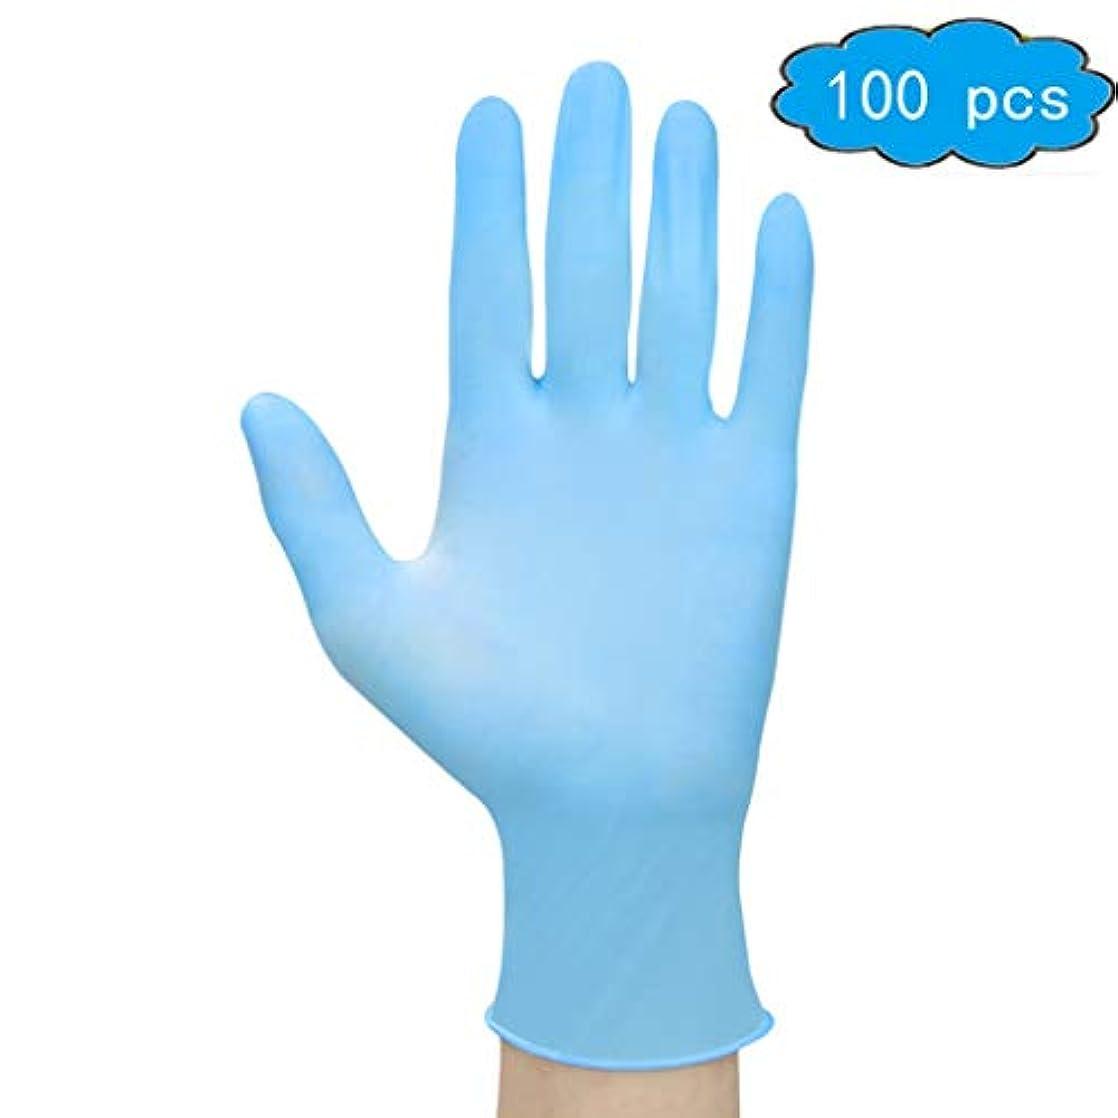 正確なに頼るクーポンニトリル試験手袋、医療グレード、使い捨て、食品安全、非ラテックス、厚さ4ミル、パウダーフリー、青色、100個入り、健康と家庭用品、医療用品 (Color : Blue, Size : M)